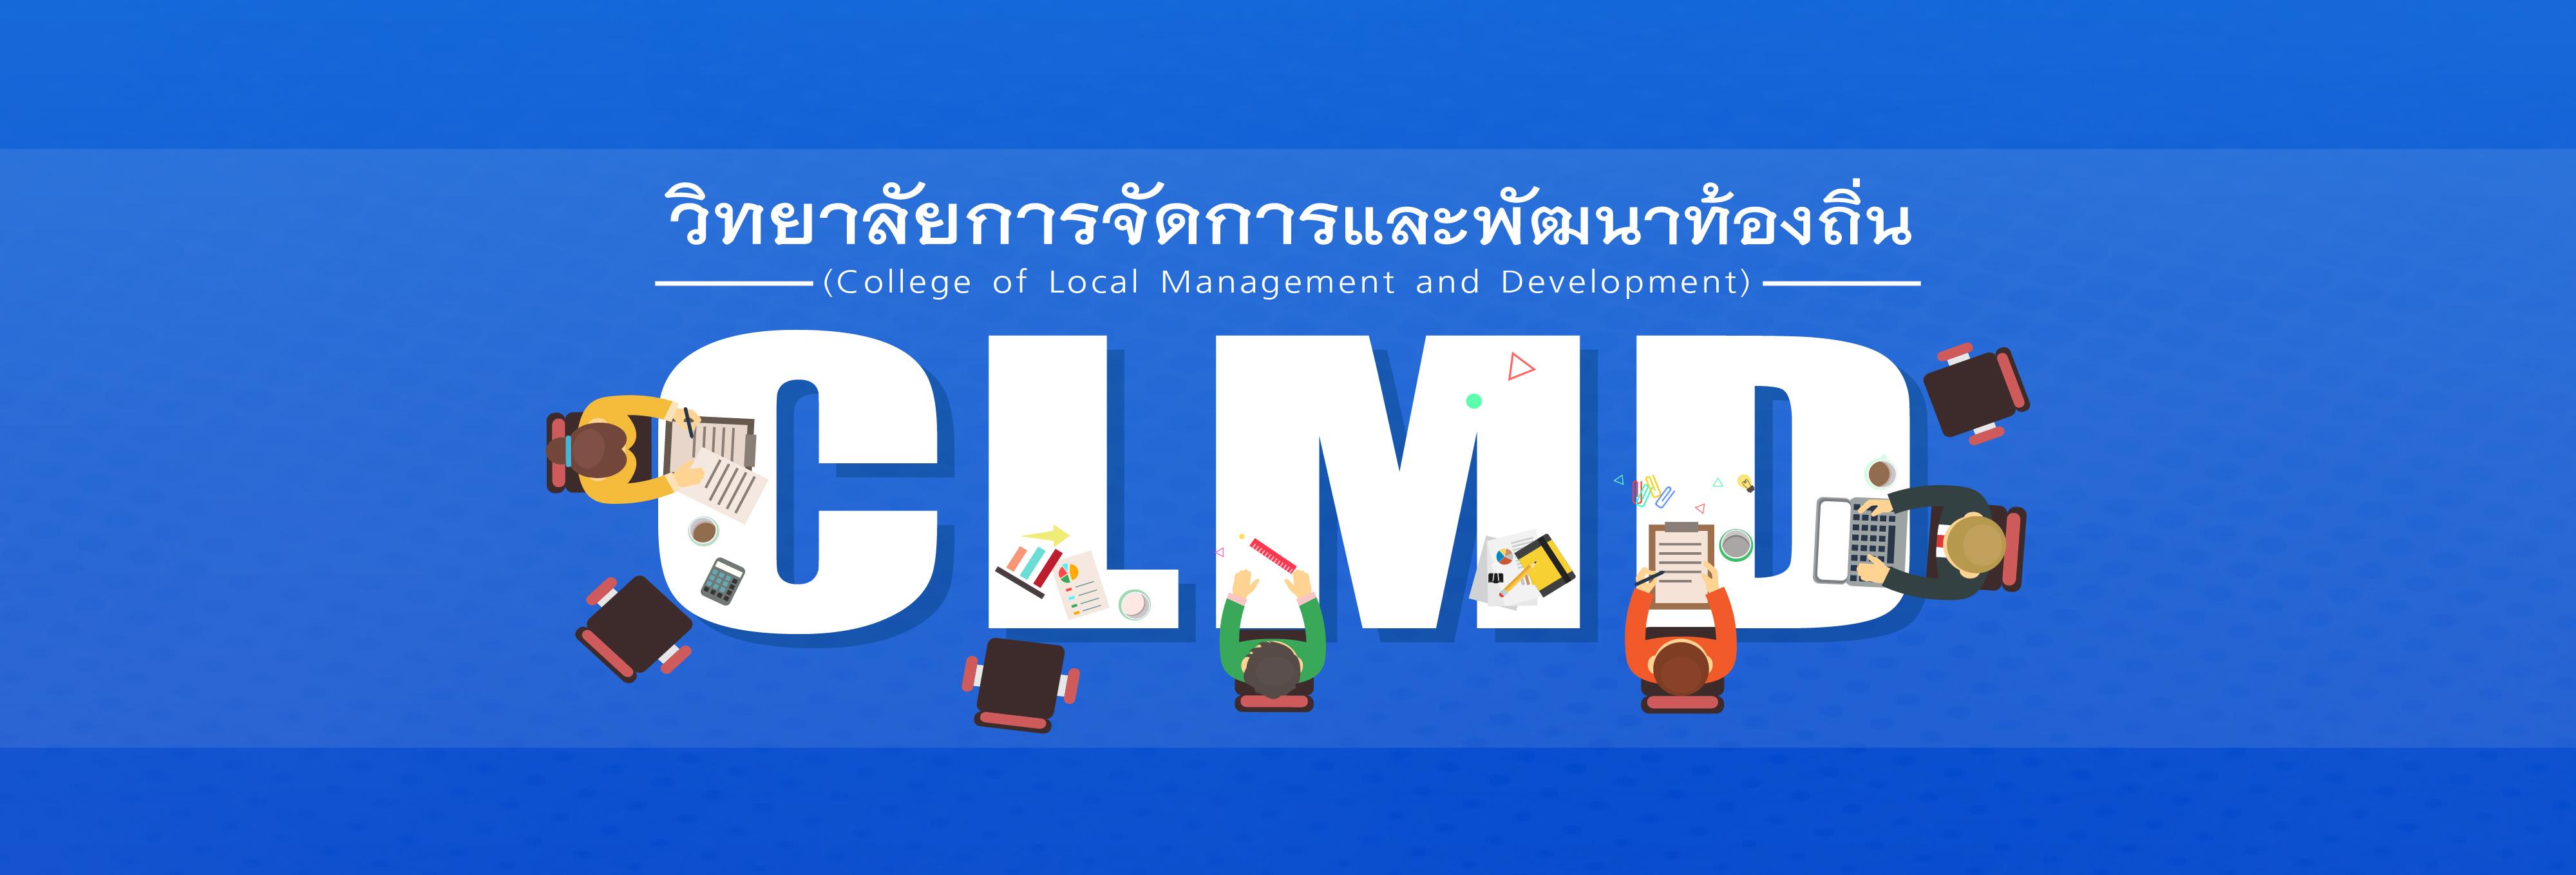 วิทยาลัยการจัดการและพัฒนาท้องถิ่น ยินดีต้อนรับ